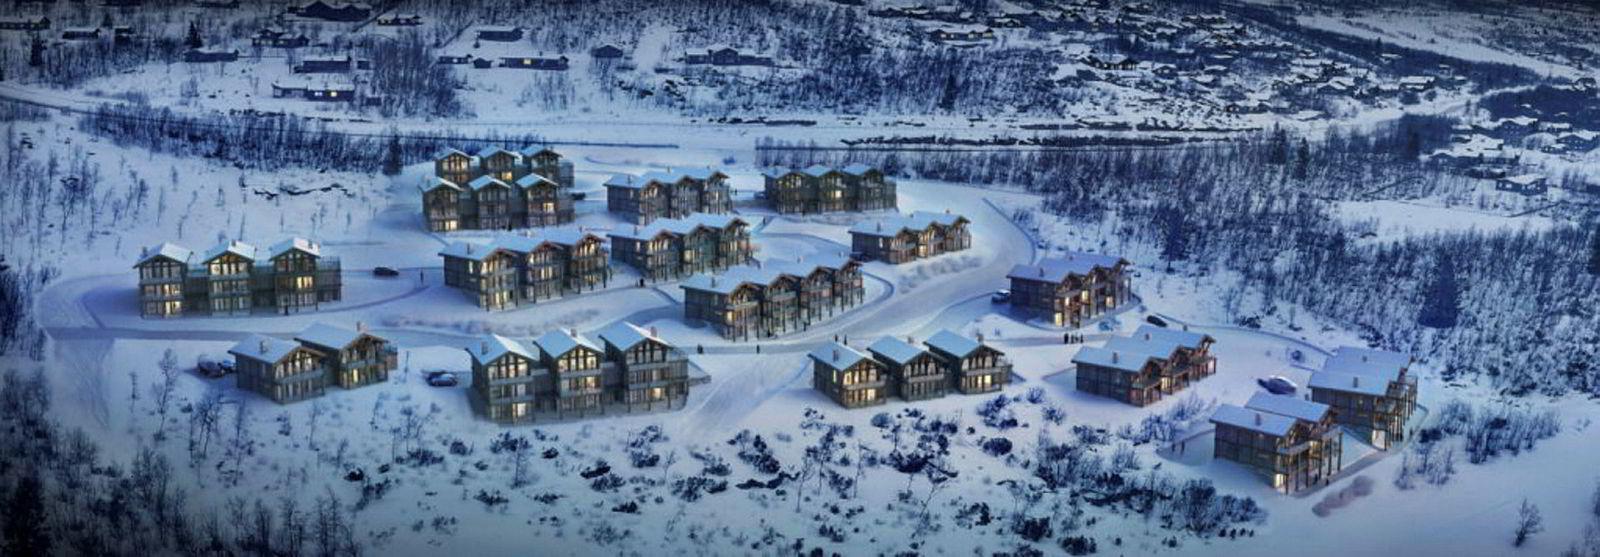 Prosjekt Aasgarden på Beitostølen med 60 leiligheter fra 2.090.000 kroner til 2.900.000 kroner.